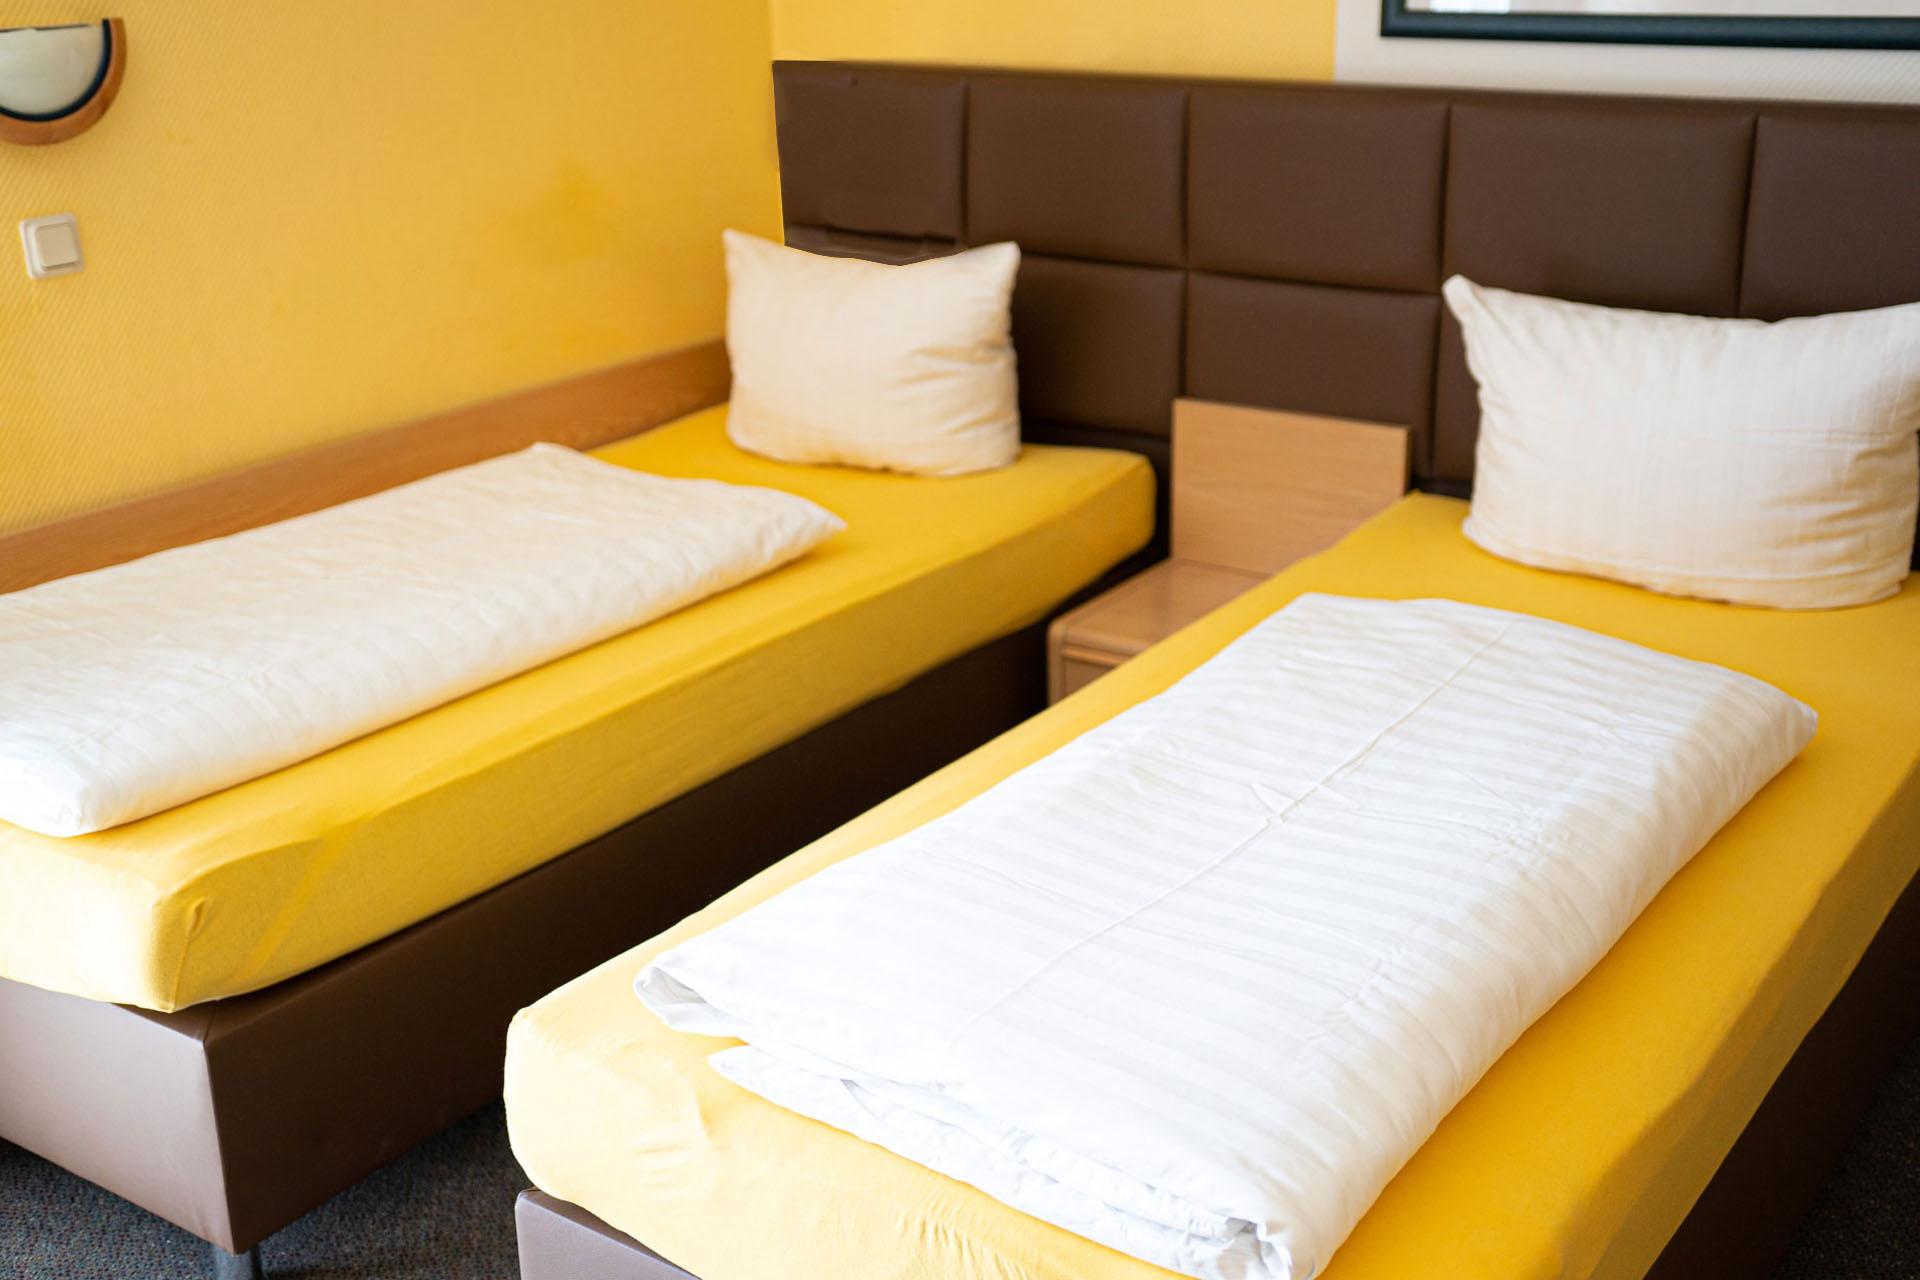 Hotel_Aggertal_Zimmer_Twinzimmer01